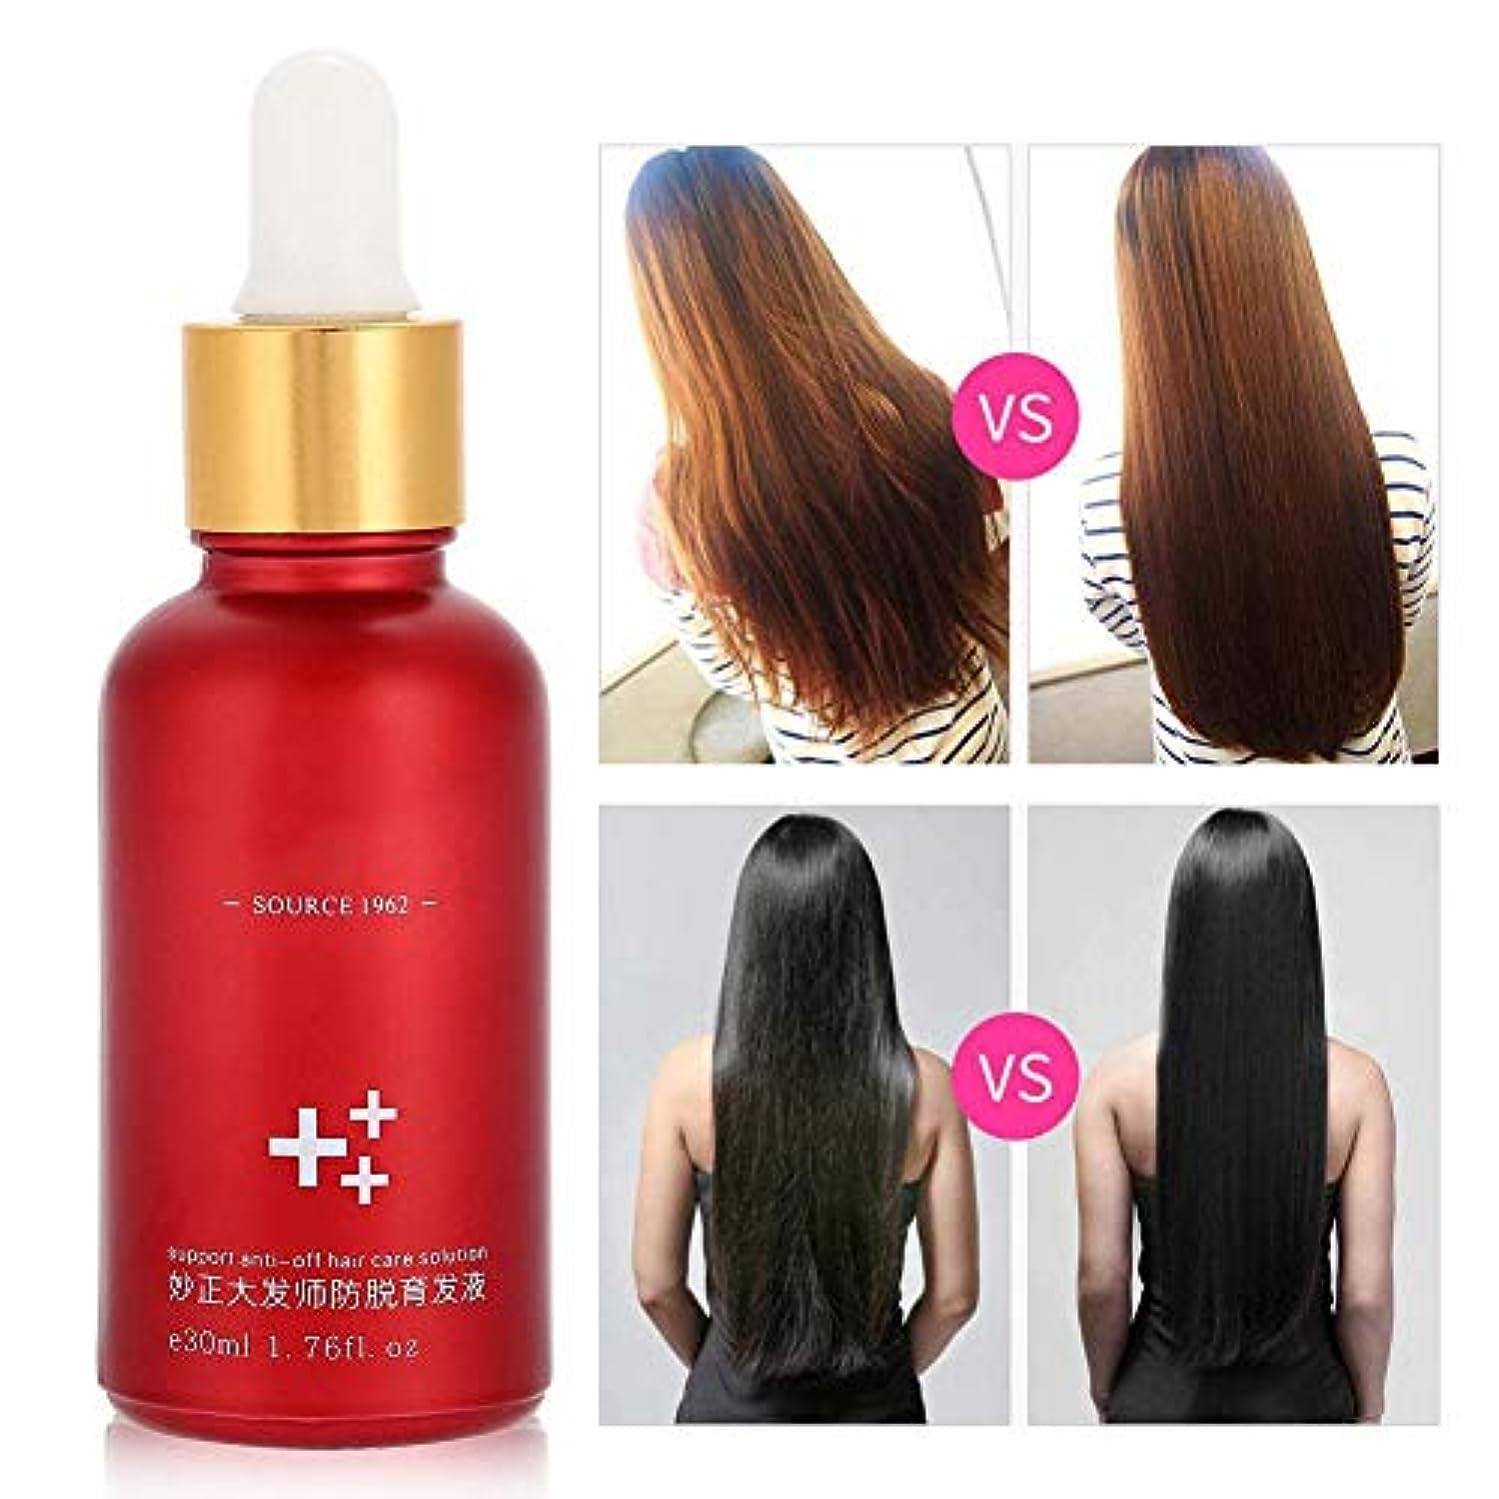 二年生カルシウム対抗ヘアオイルセラム、30mlドライ/フリジーヘア用メンズセラムは、もつれや枝毛を減らし、非油性軽量スタイリング製品で髪を滑らかで柔らかく、明るくします